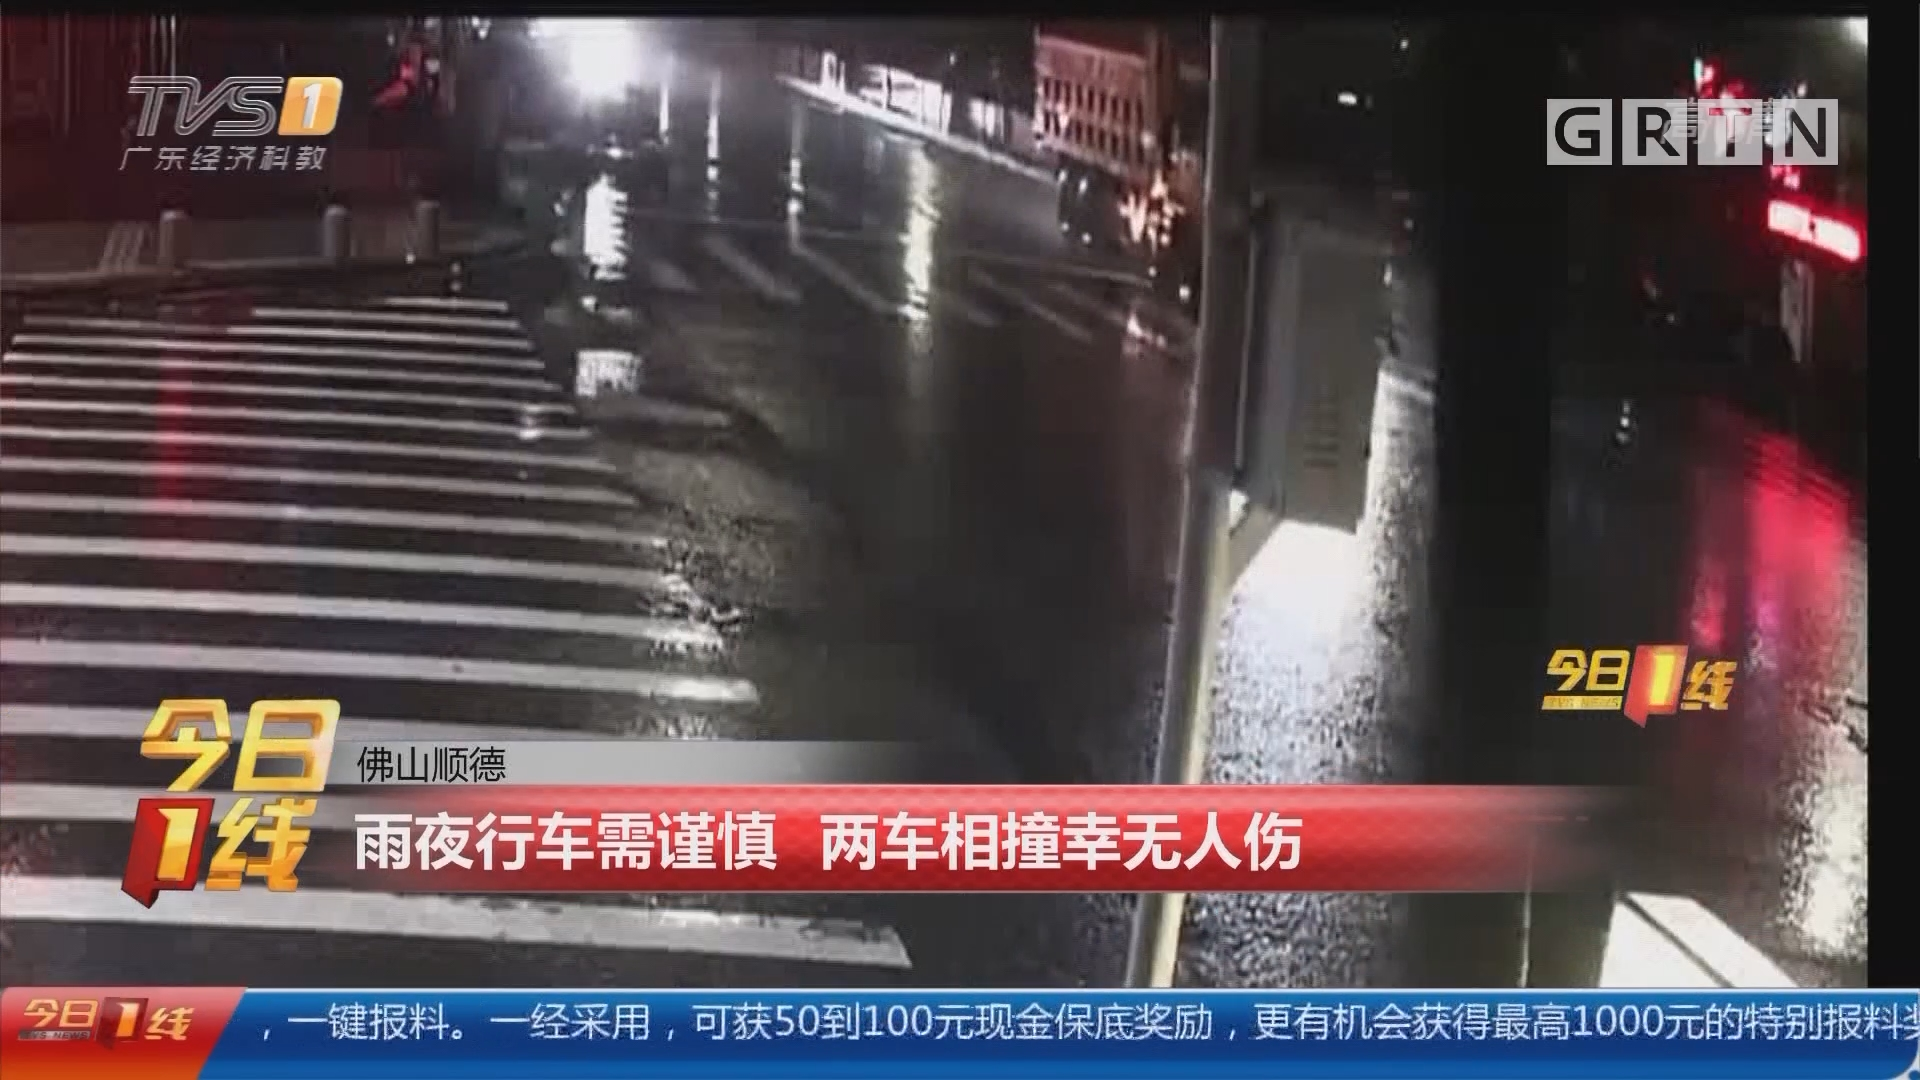 佛山顺德:雨夜行车需谨慎 两车相撞幸无人伤